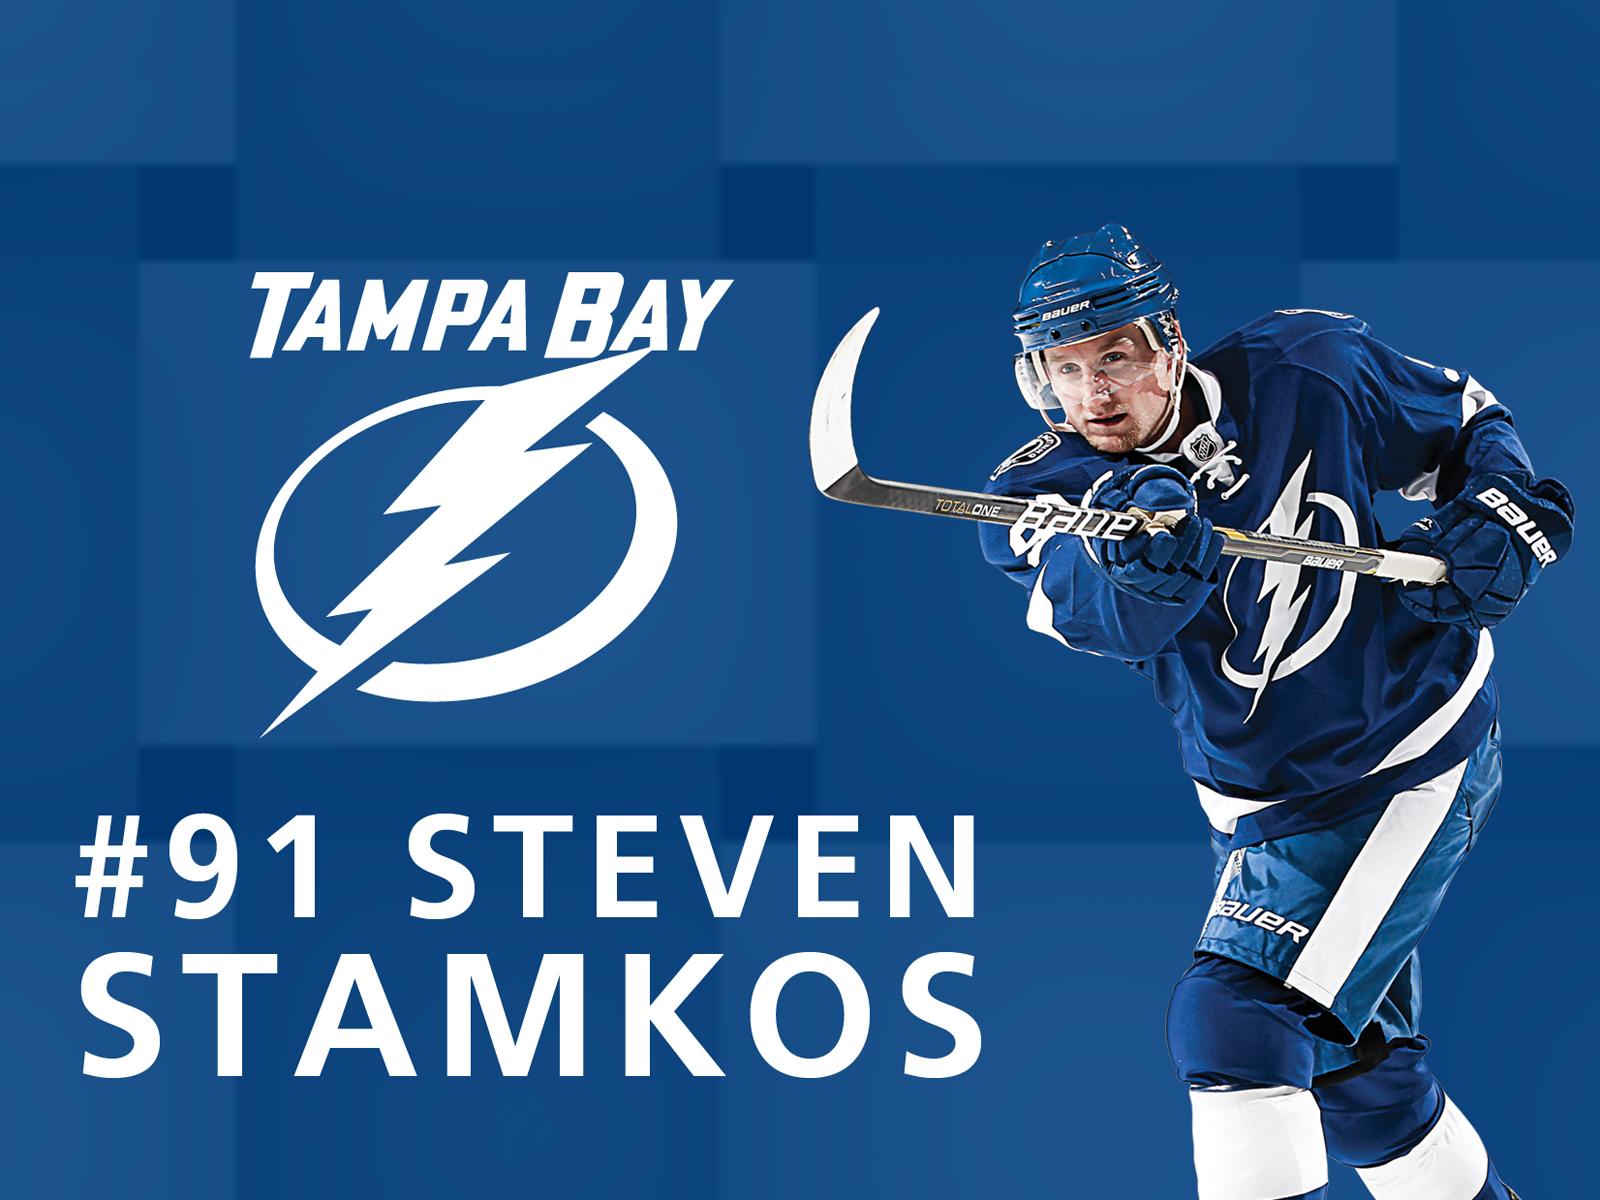 Steven Stamkos Wallpaper   Tampa Bay Lightning Wallpaper 30398488 1600x1200